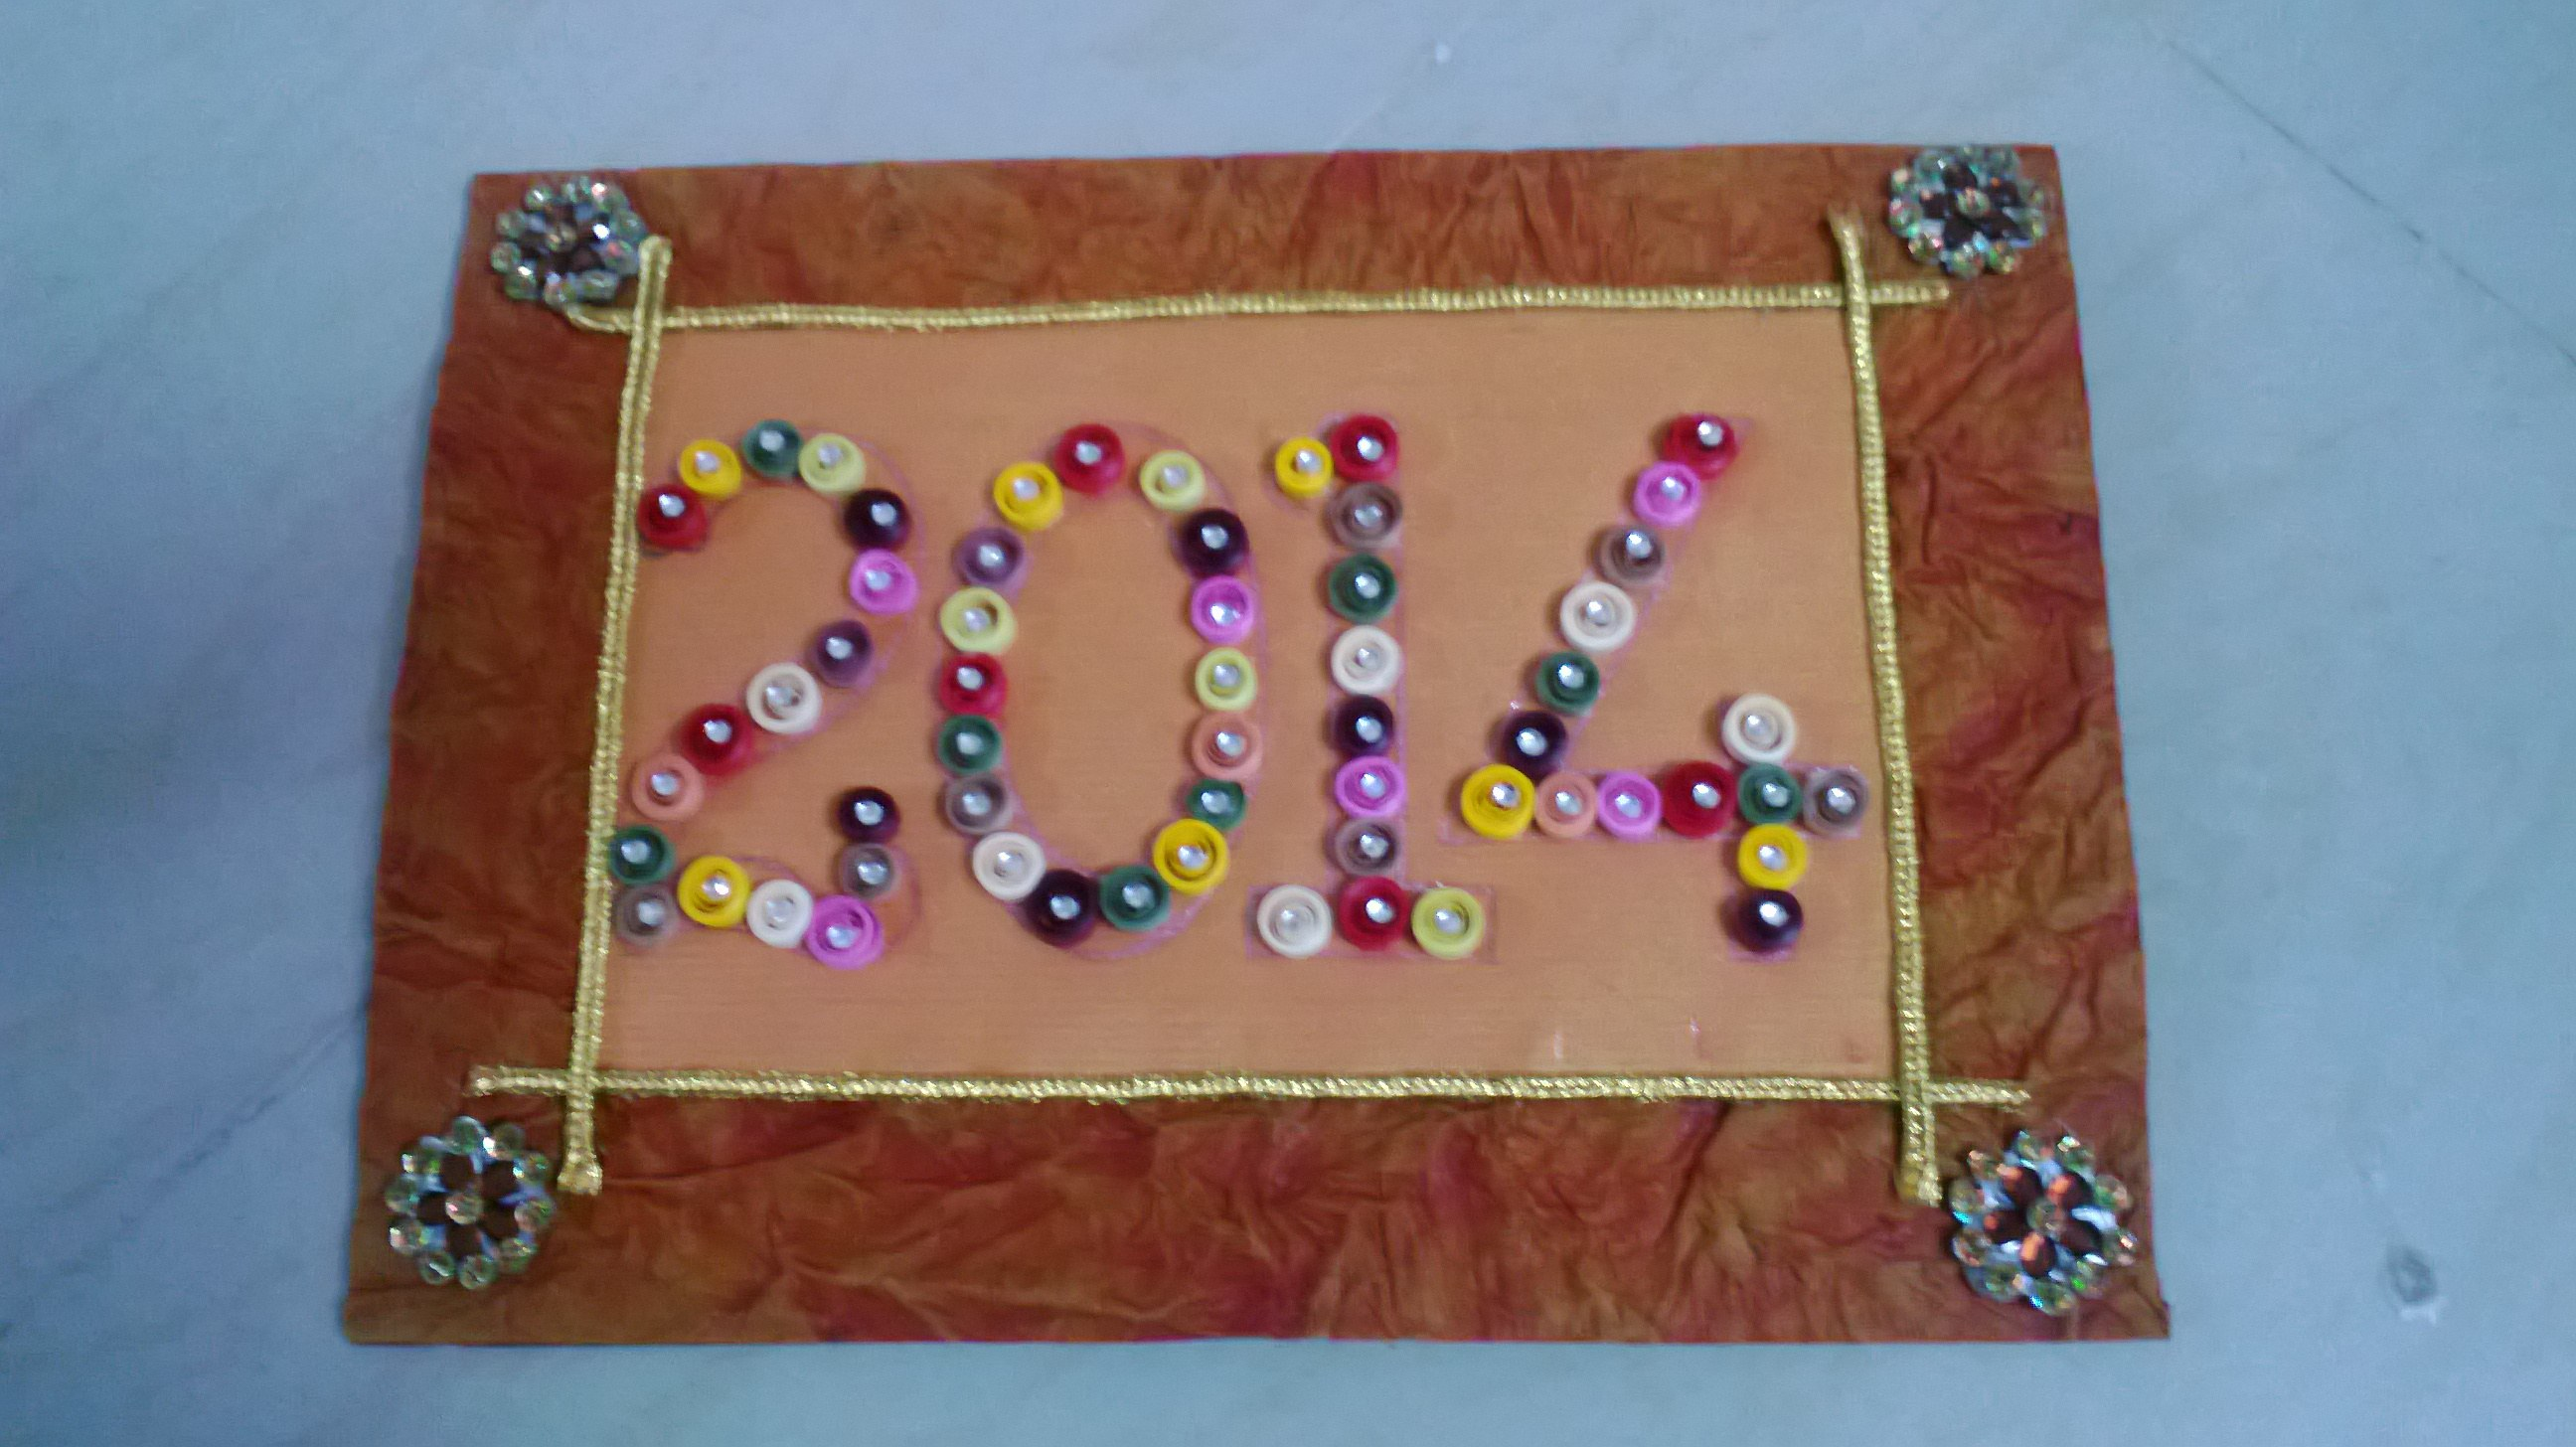 How to make handmade new year cards new yearfo 2018 how to make handmade new year cards next image m4hsunfo